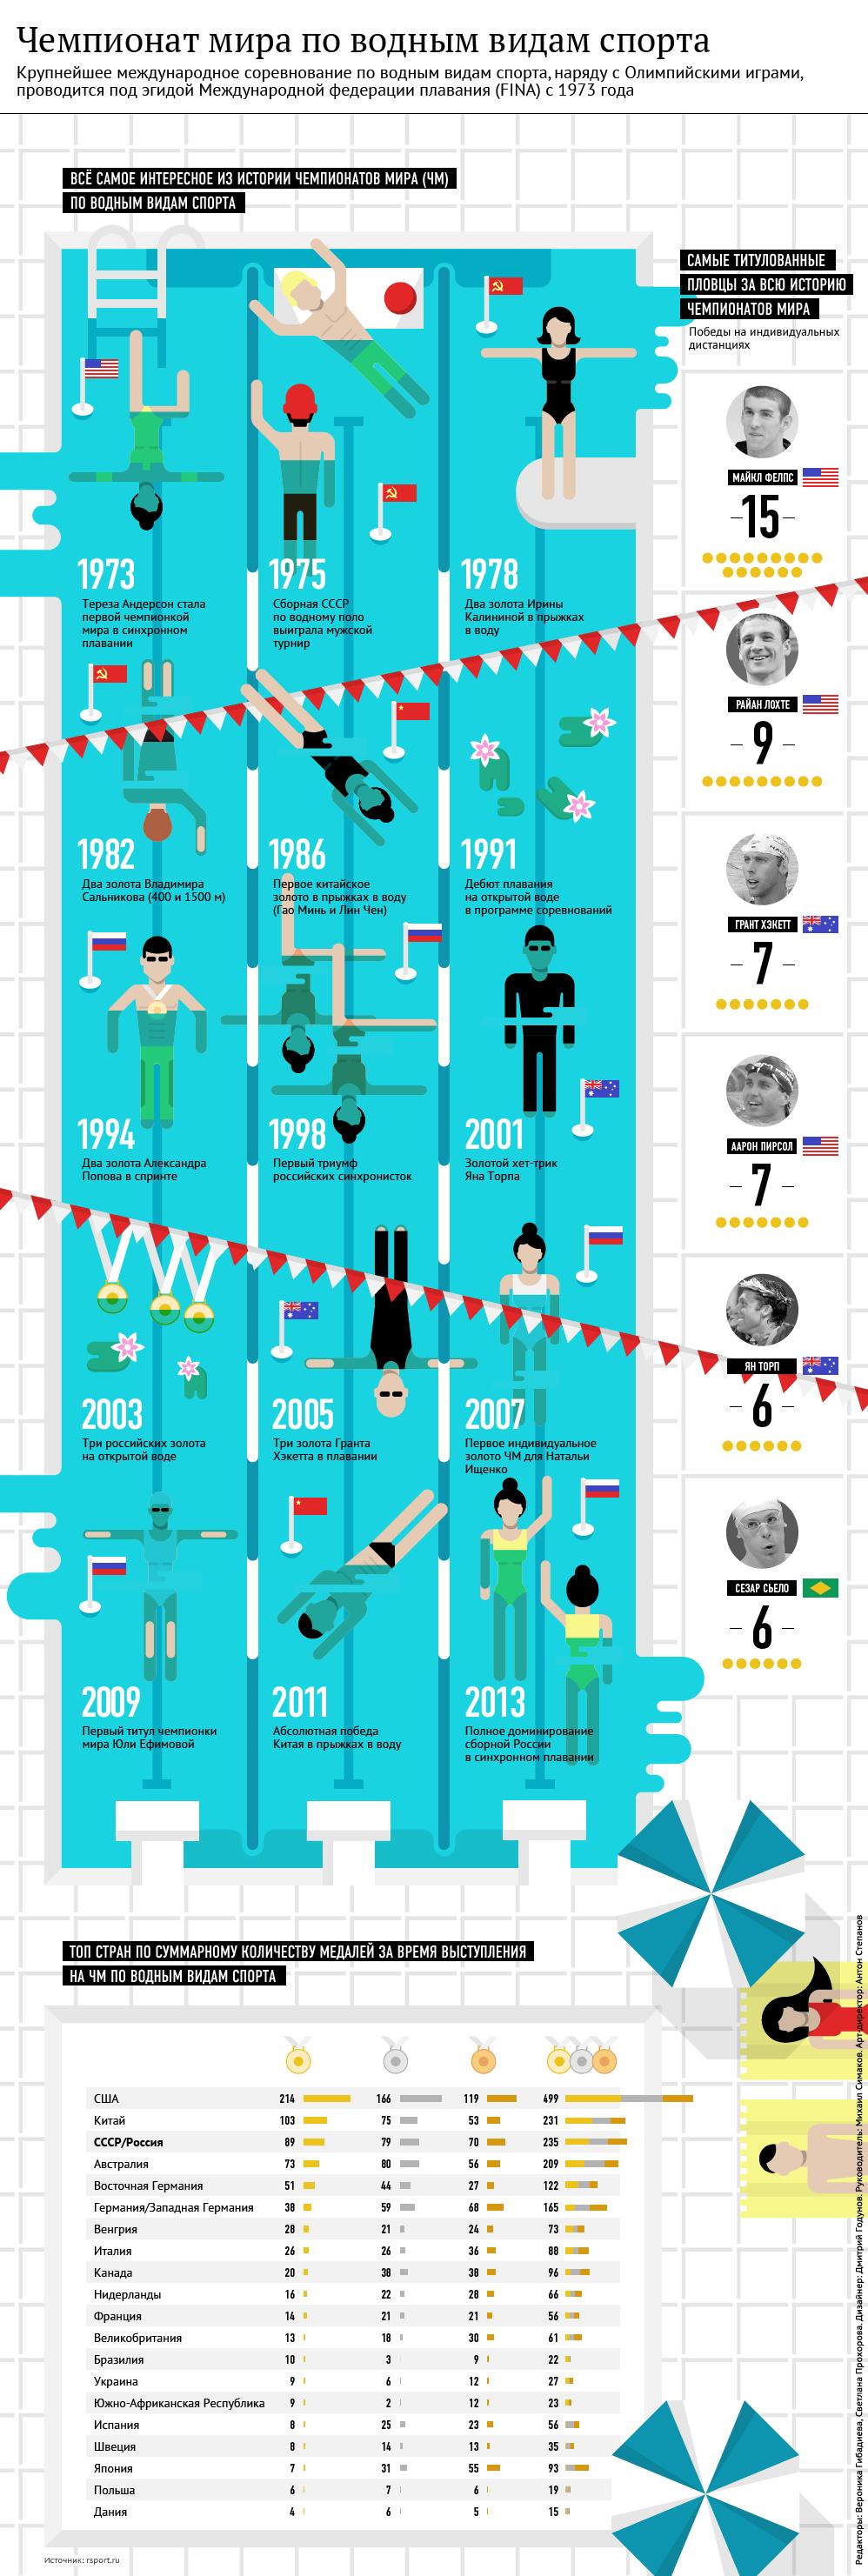 Чемпионат мира по водным видам спорта. Герои, победители, даты